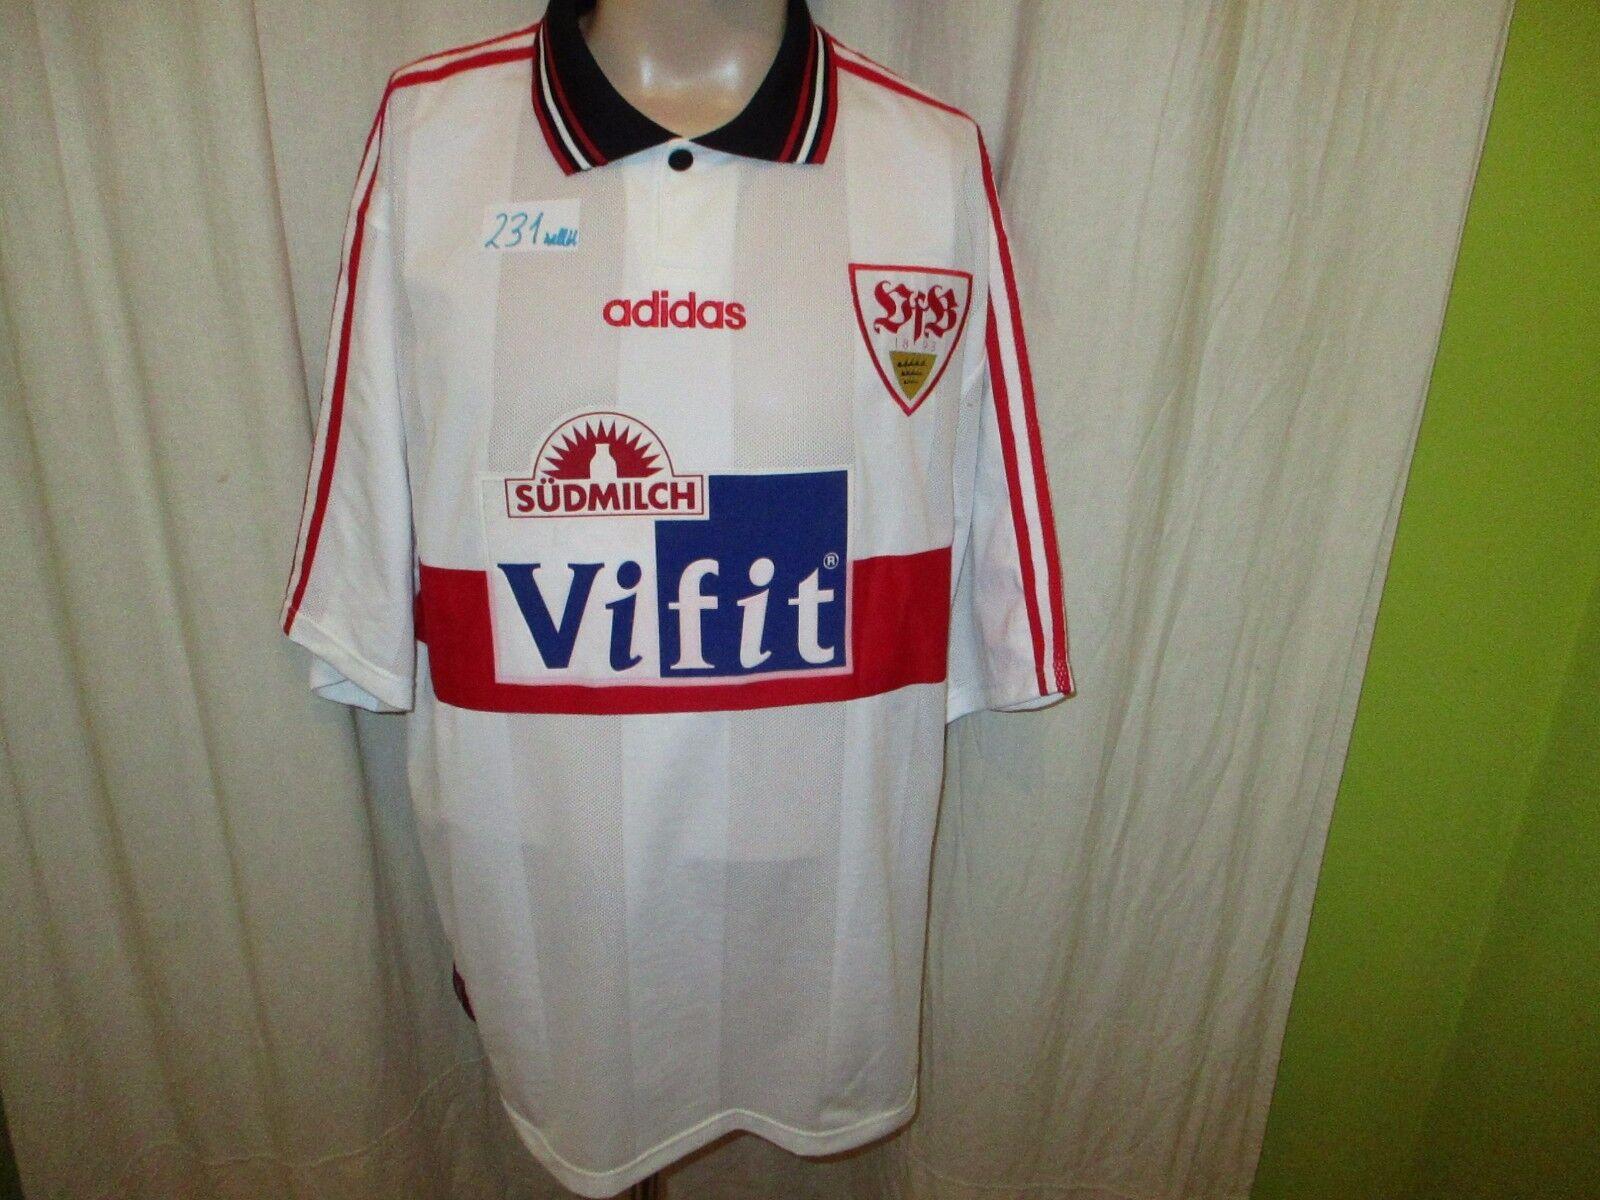 VFB Stuttgart Original Adidas Jersey 1996 97  ViFit südmilch  + No 10 Größe XXL